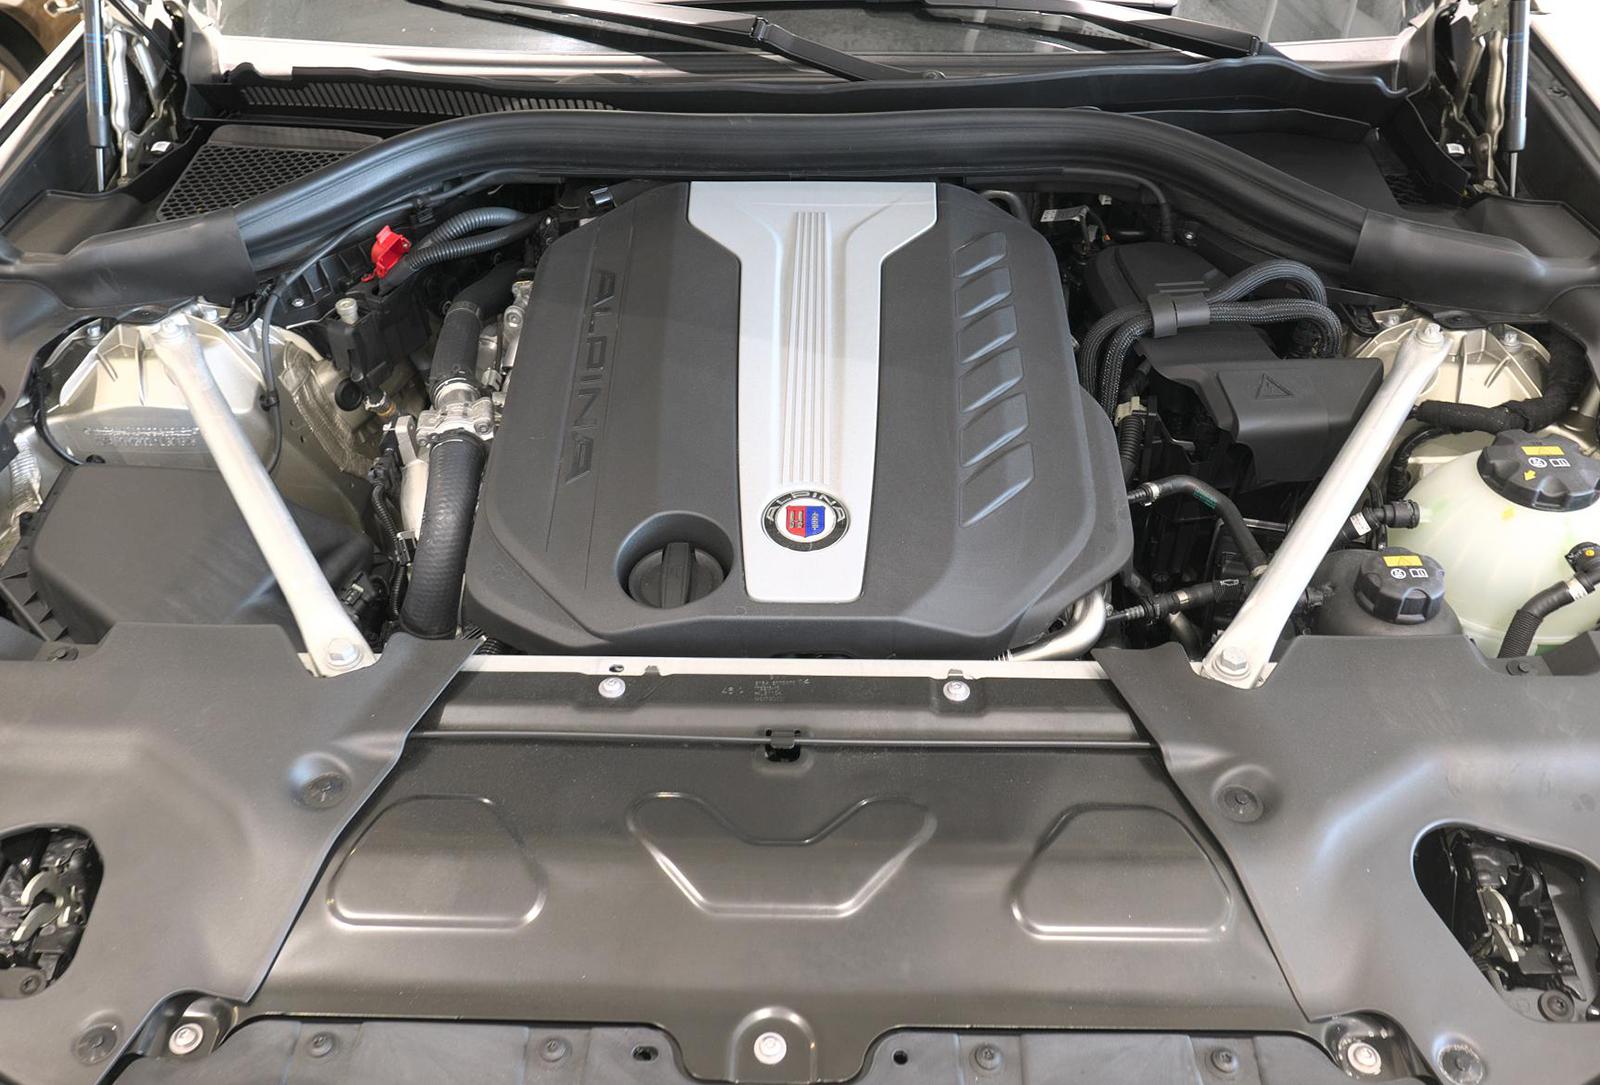 BMW アルピナ XD4 Allrad エンジンルーム